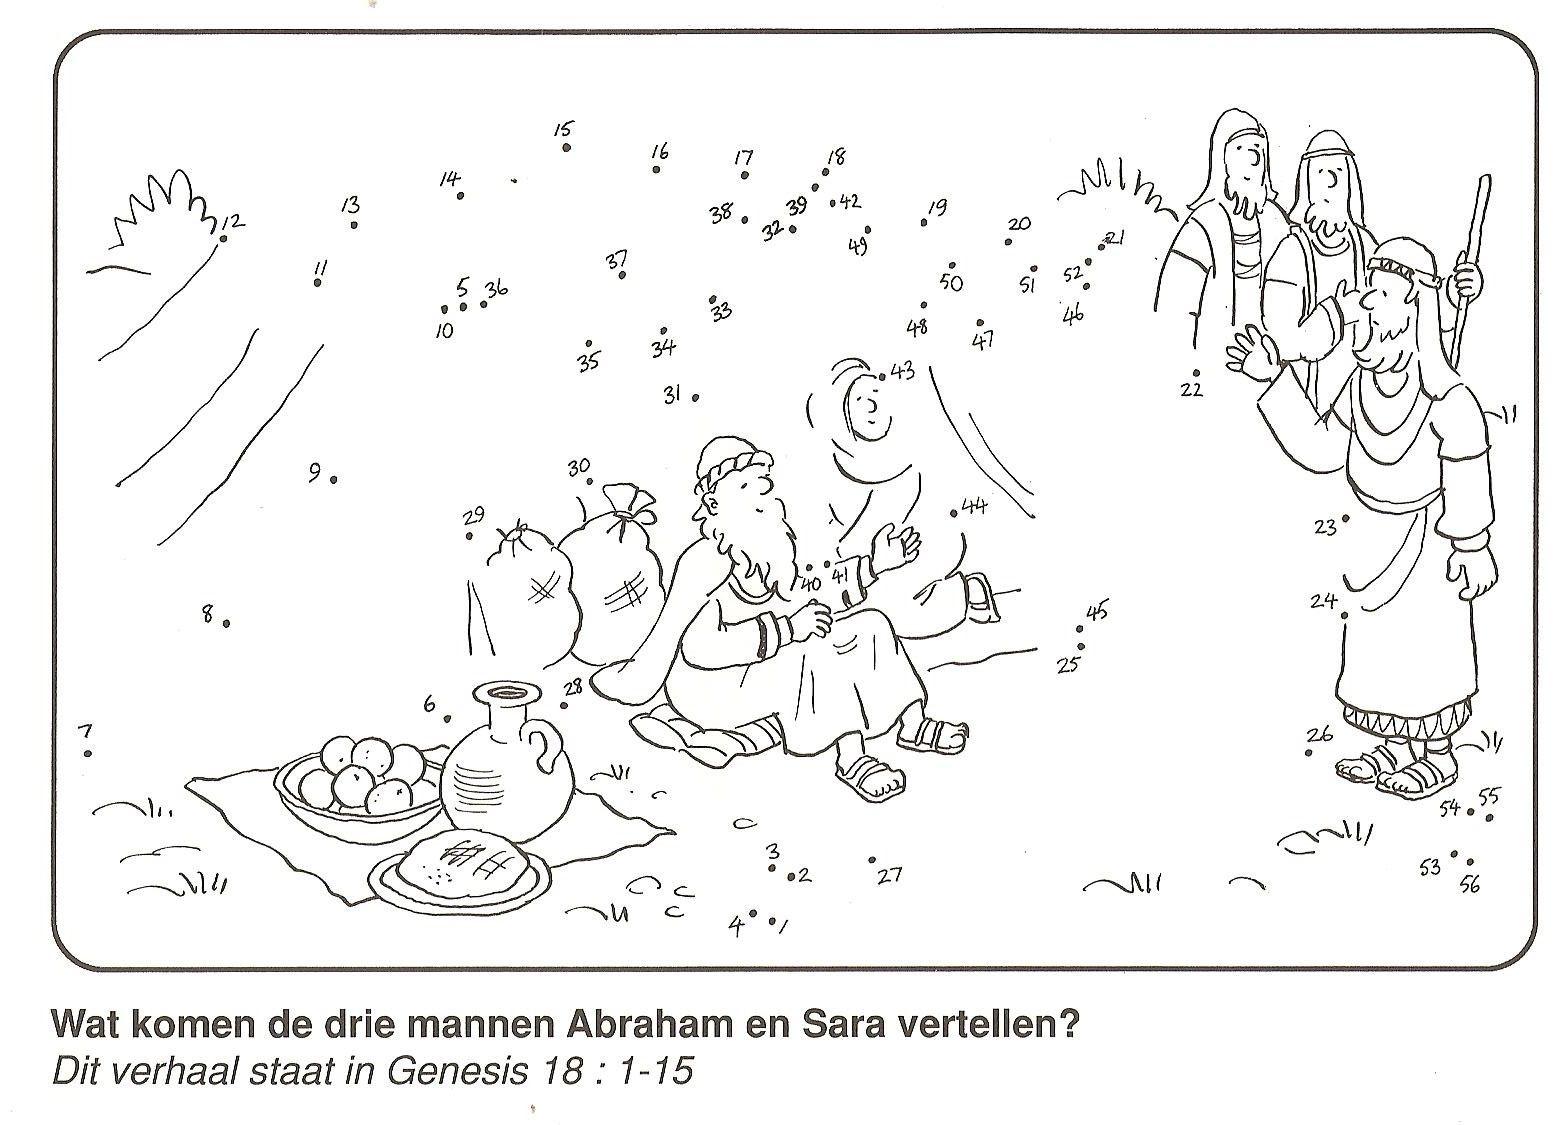 bezoek 3 mannen abraham en sara van stip naar stip